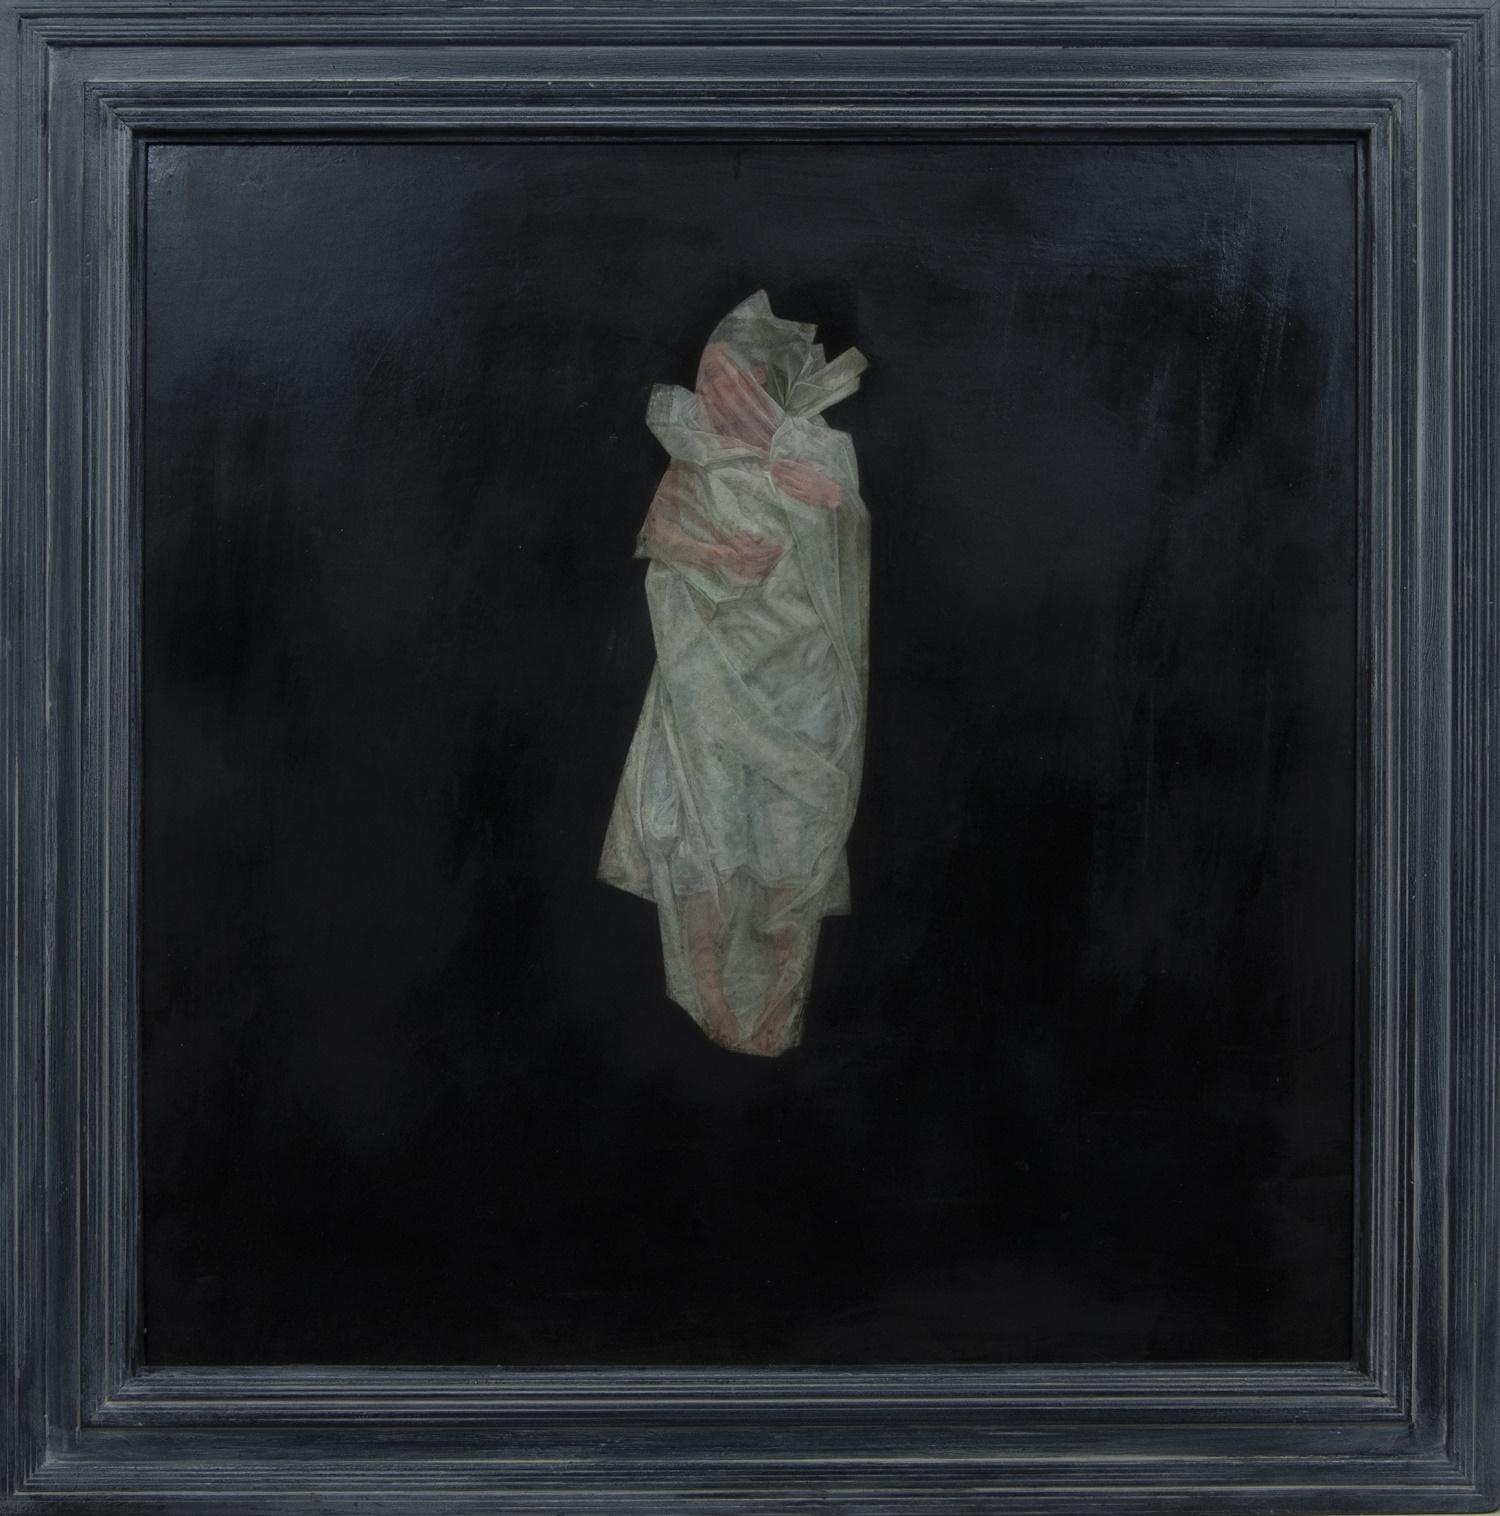 ENGULF, AN OIL BY ROBERT JOHN MACMILLAN